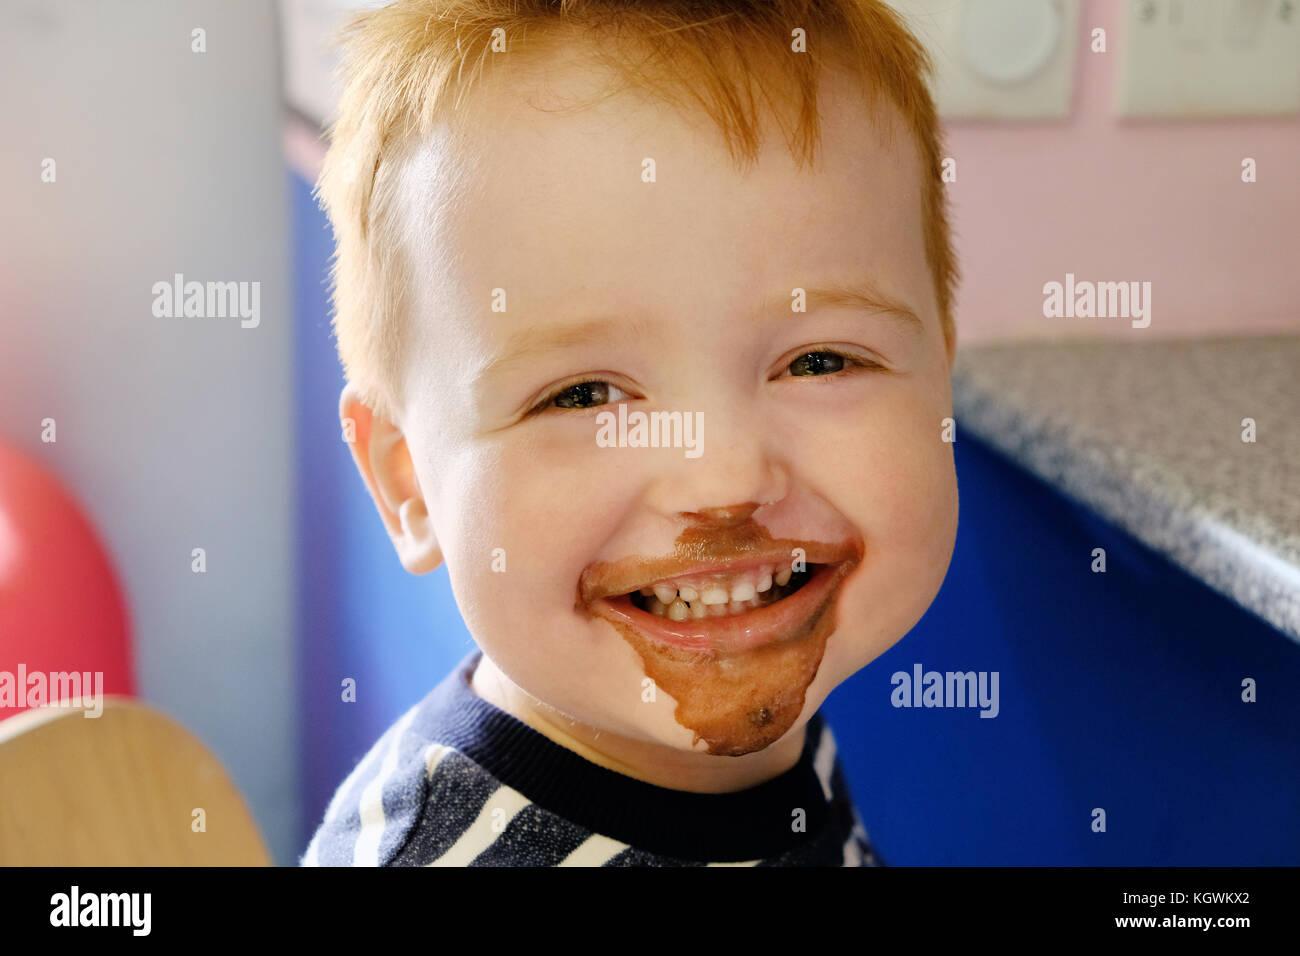 Un joven muchacho feliz, sonriendo ampliamente, su rostro cubierto de helado de chocolate habiendo comido y un helado de chocolate tratar Foto de stock